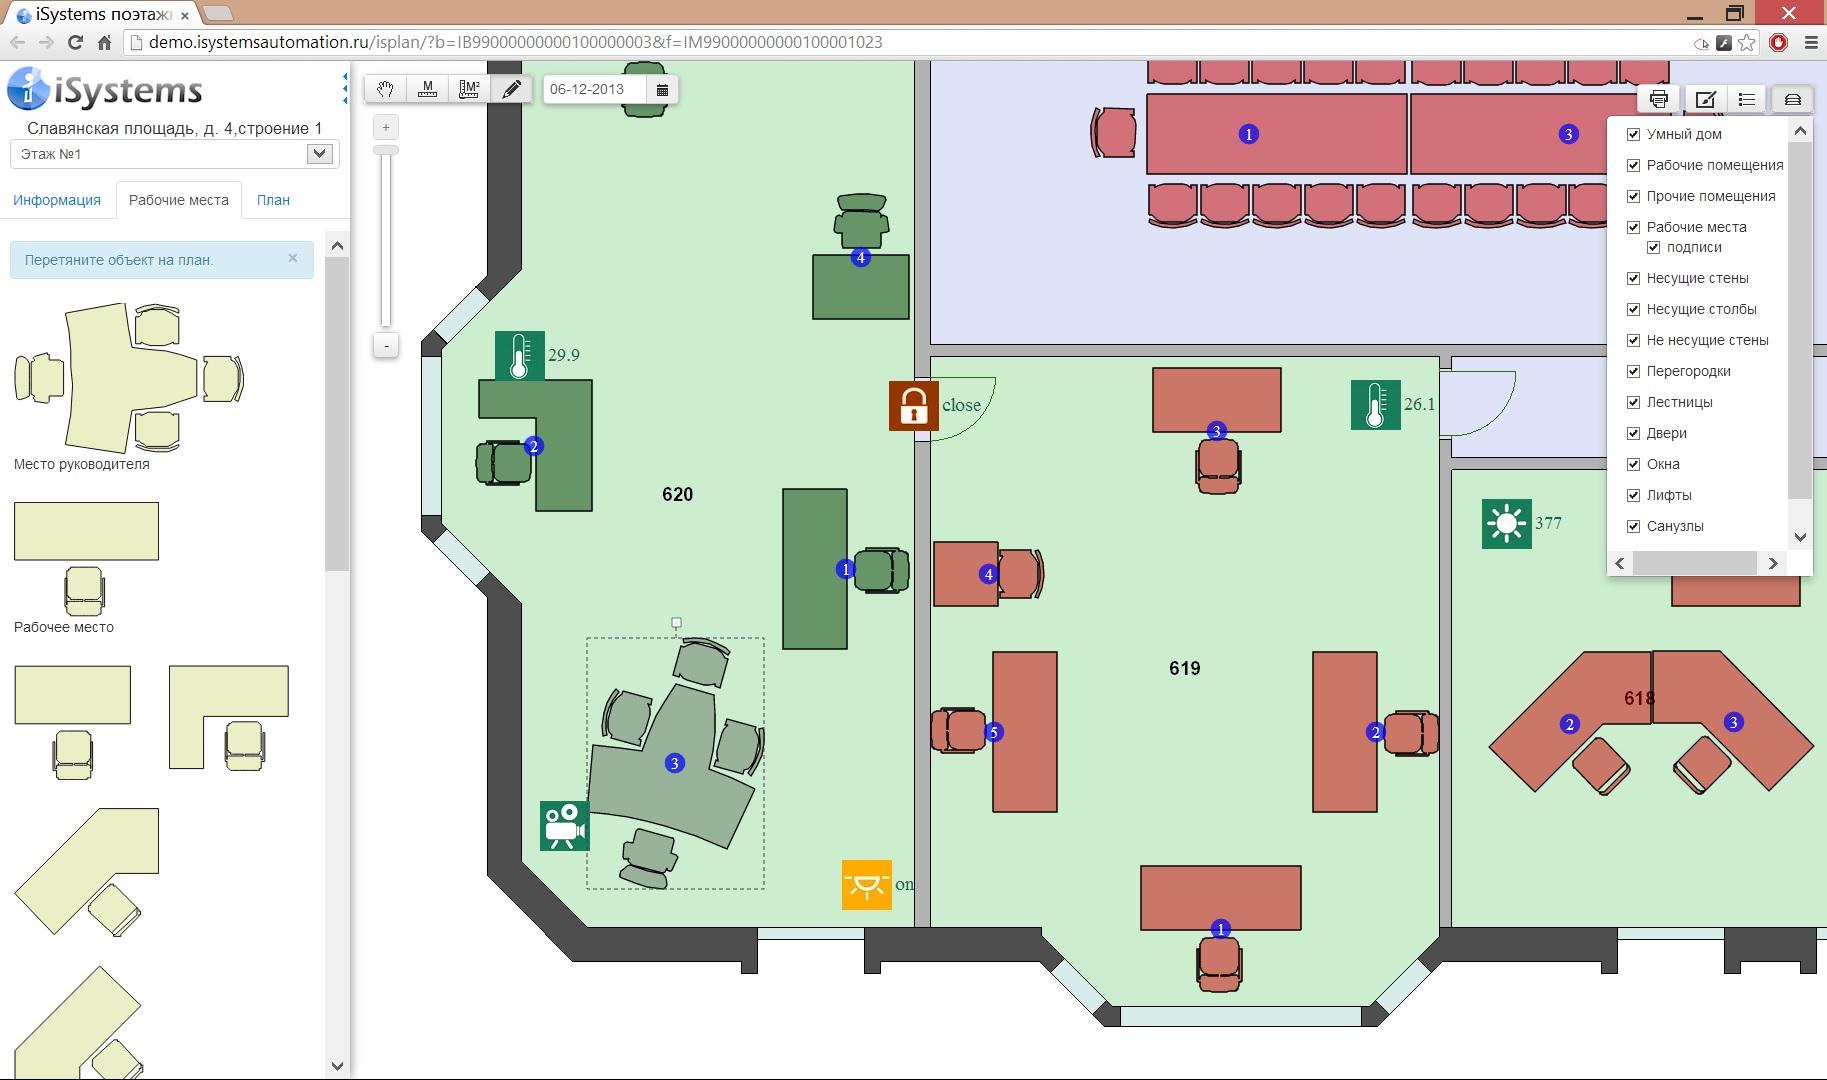 Визуализация поэтажных планов или геоинформационные системы (ГИС) в недвижимости